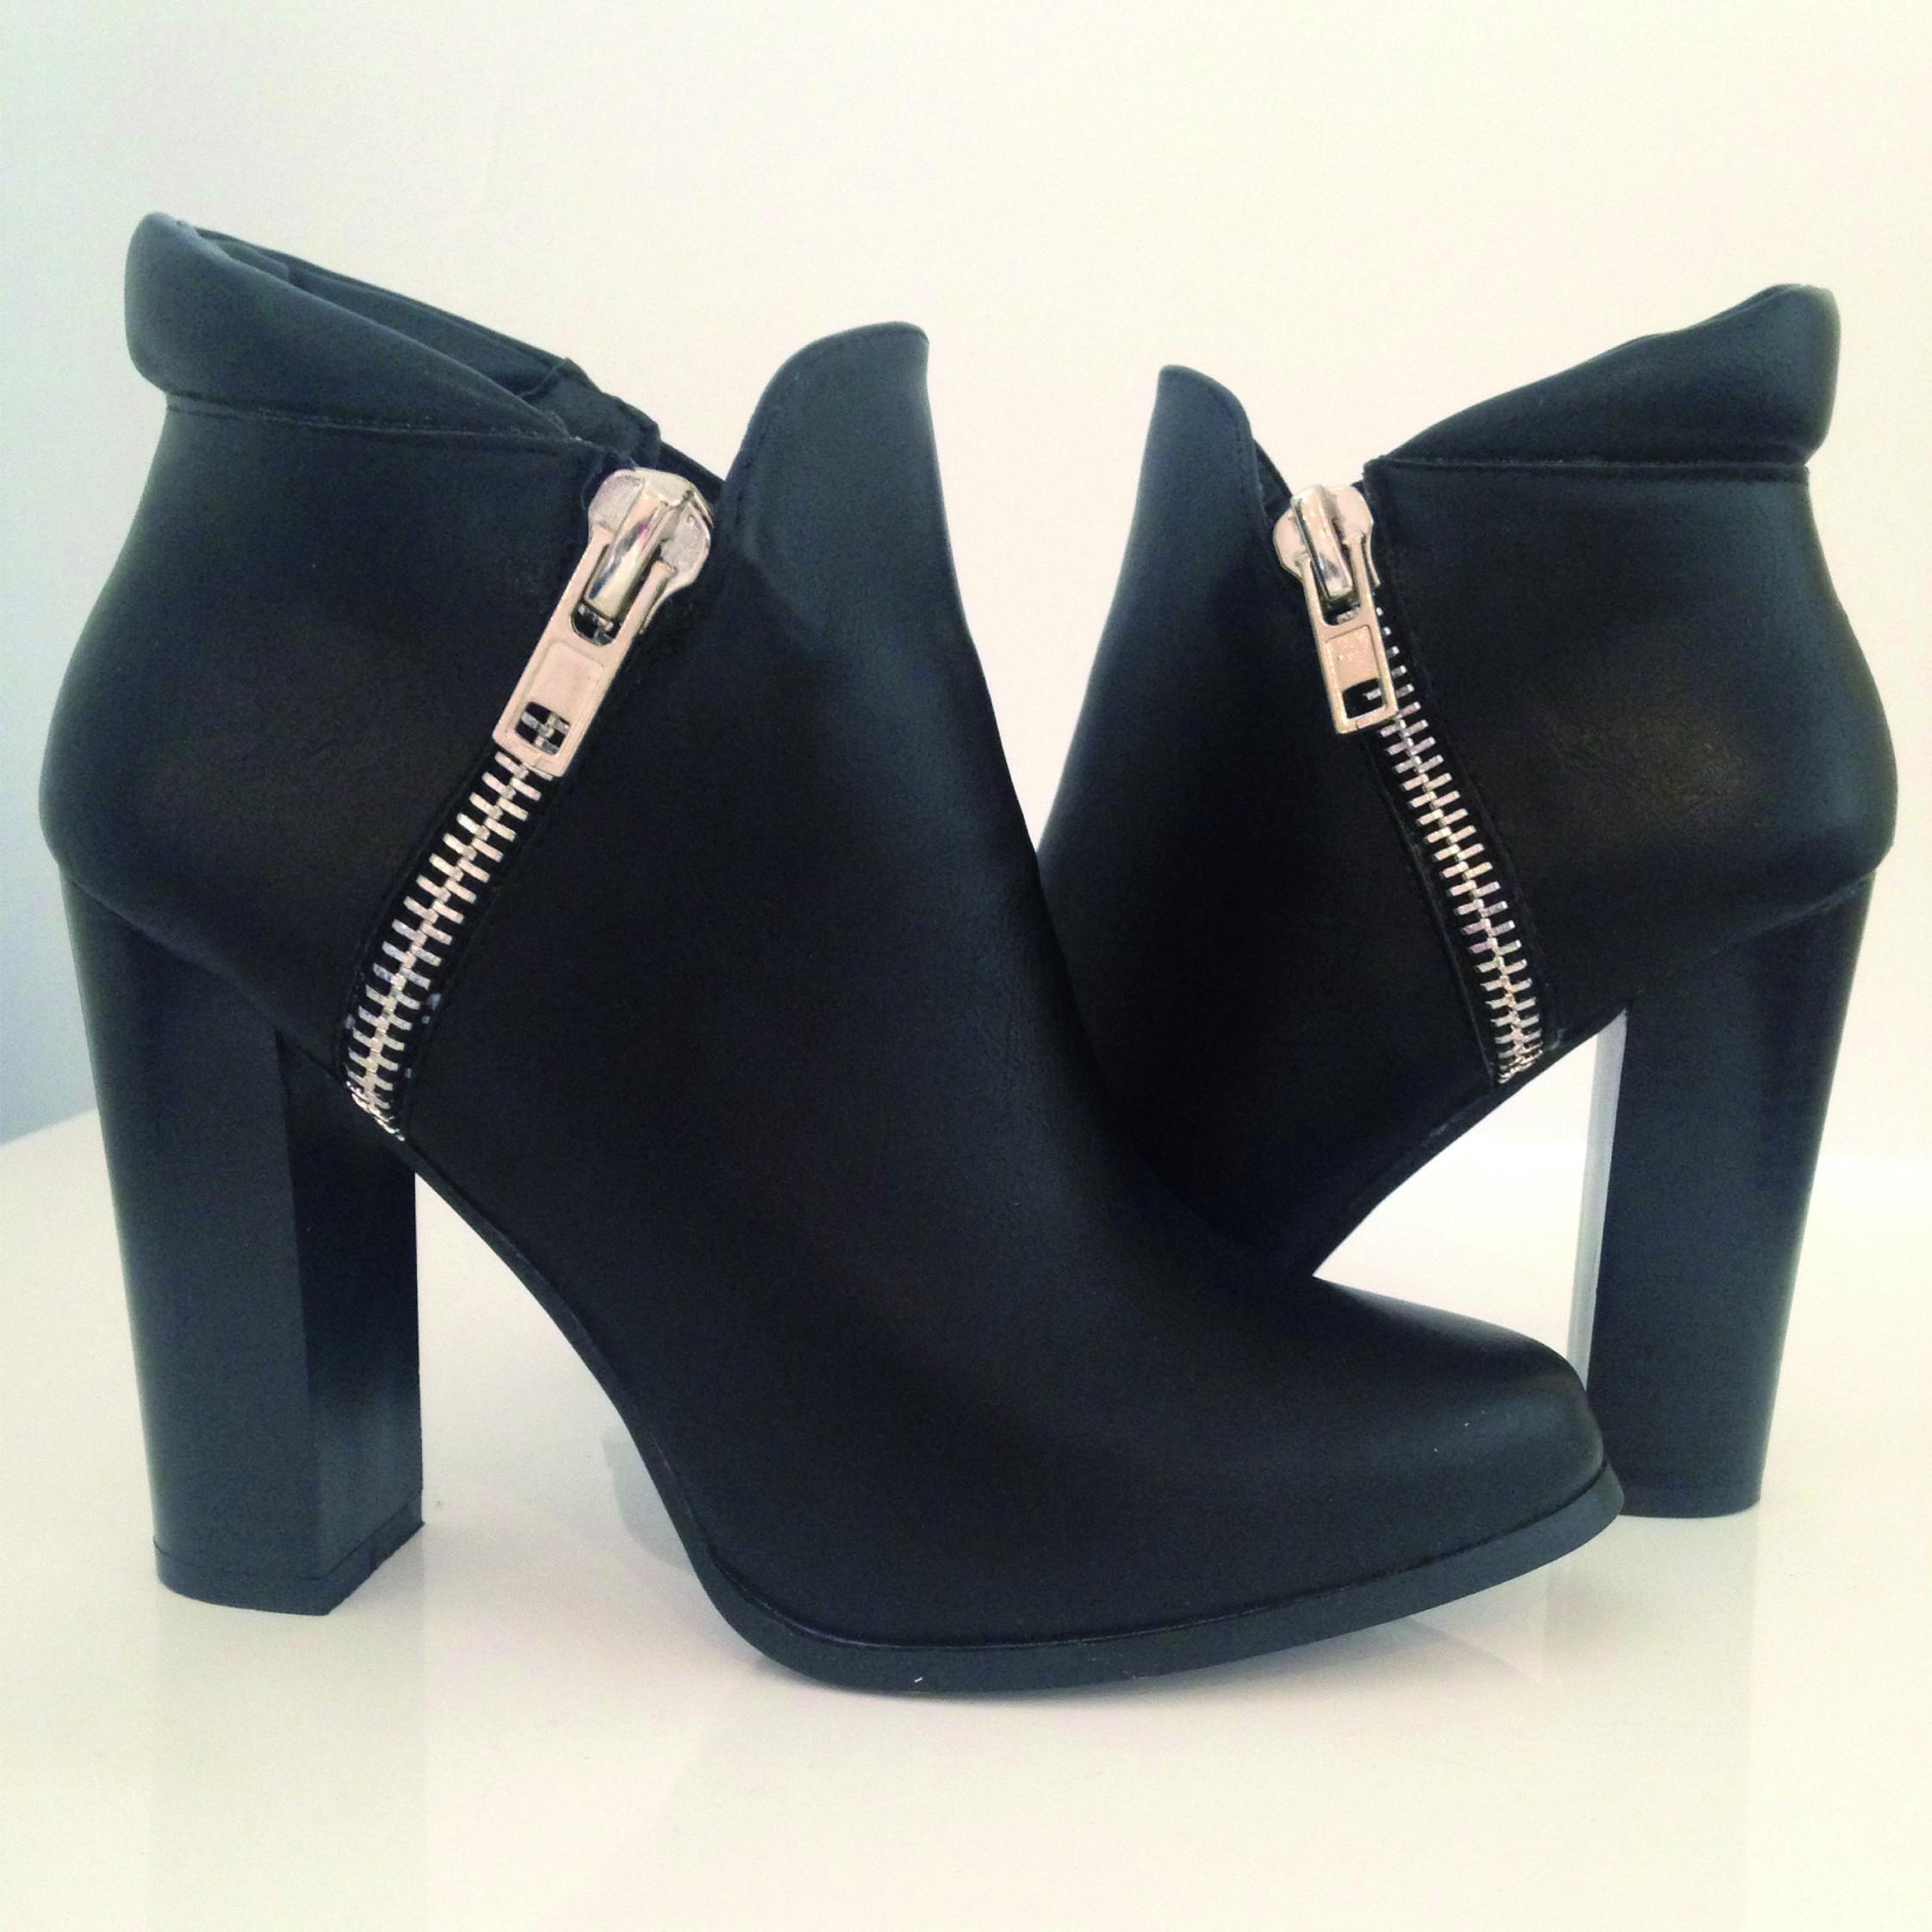 bottine dahlia noir : http://www.chaussures-eclipse.fr/bottines